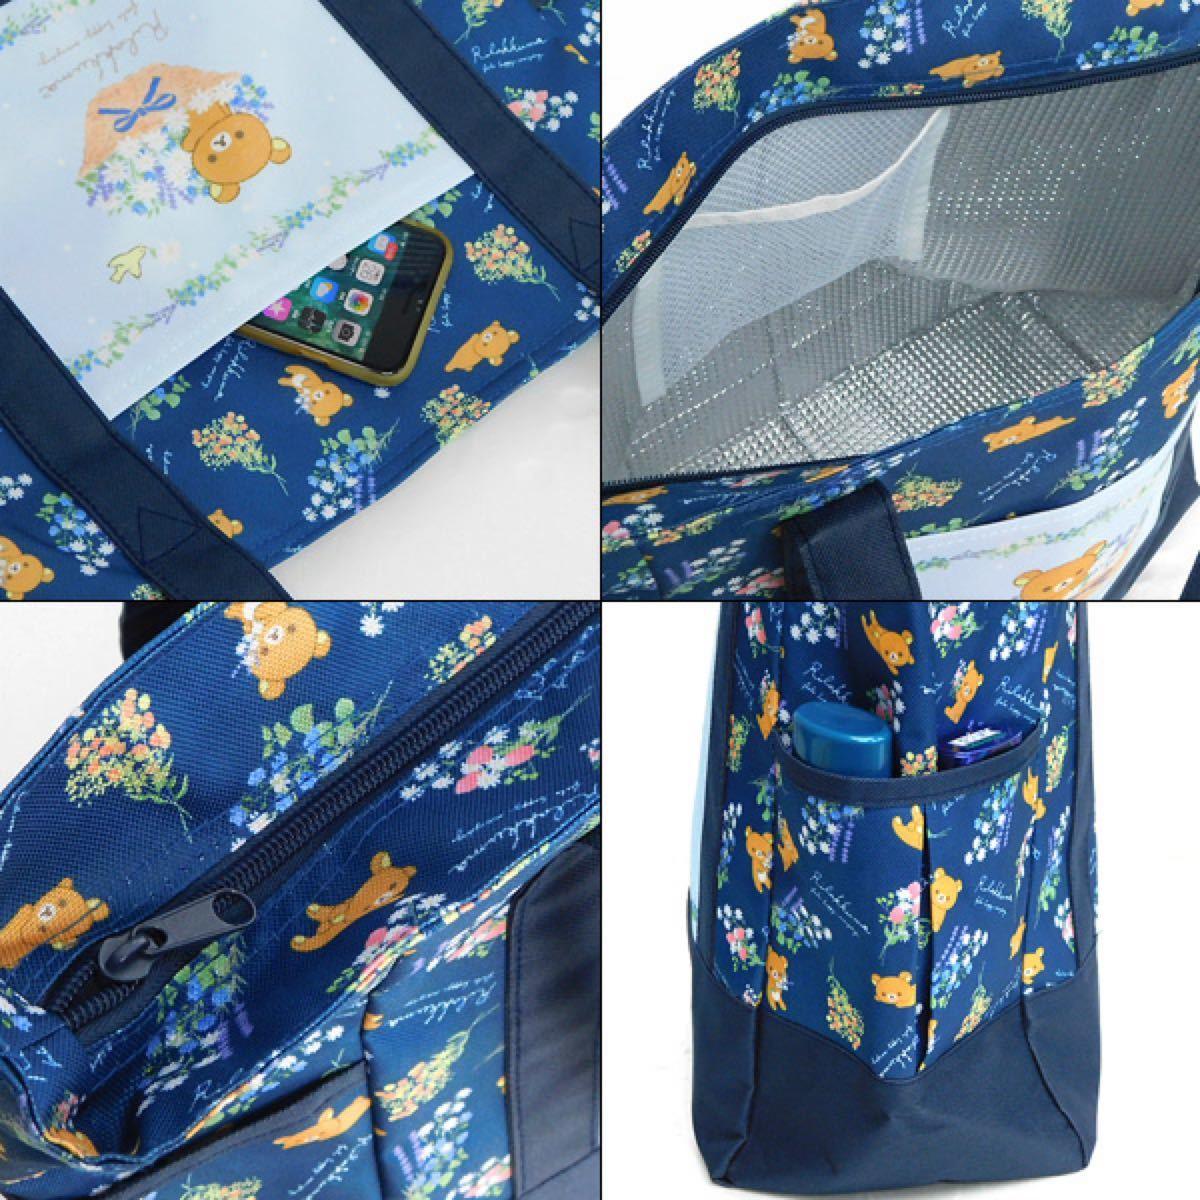 新品 リラックマ 保冷バッグ クーラーバッグ レディース エコバッグ トートバッグ 保冷 バッグ レディース メンズ 大容量